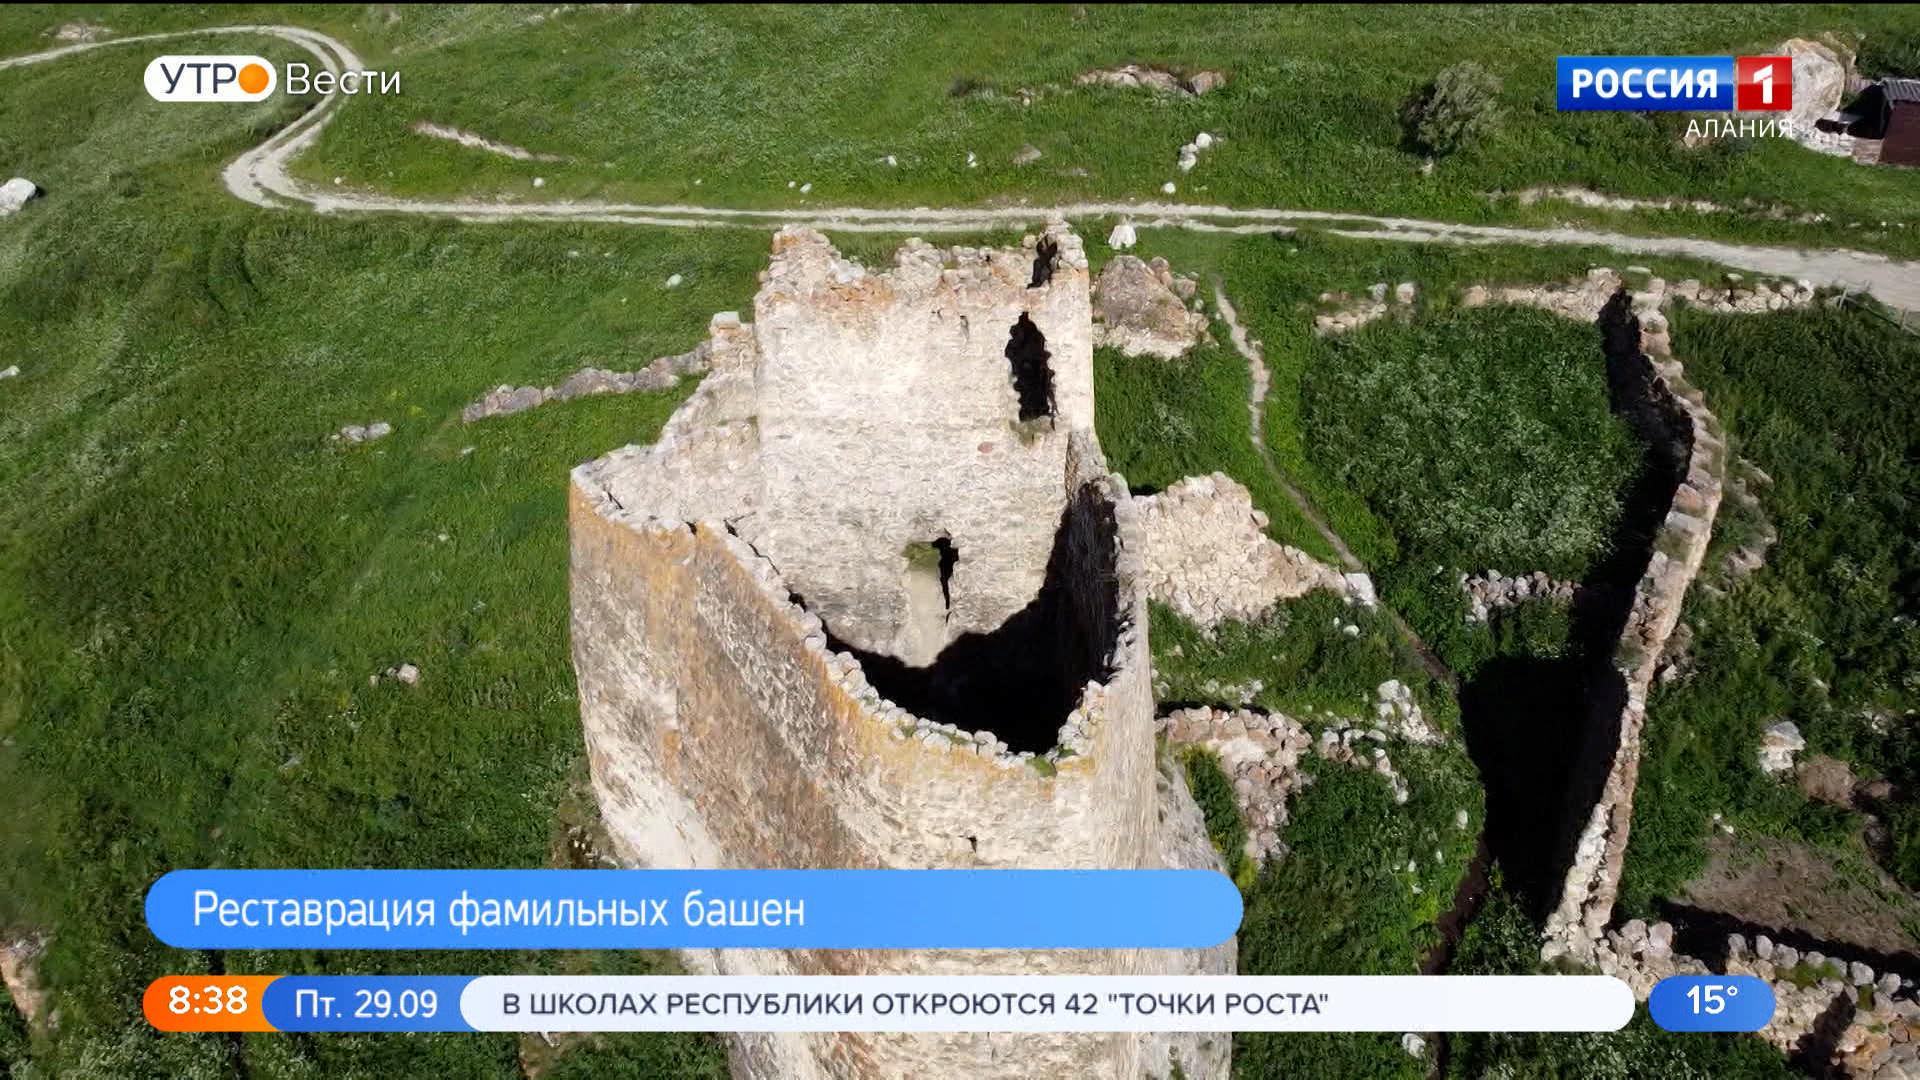 Фамильные объединения республики получат возможность реставрировать родовые башни